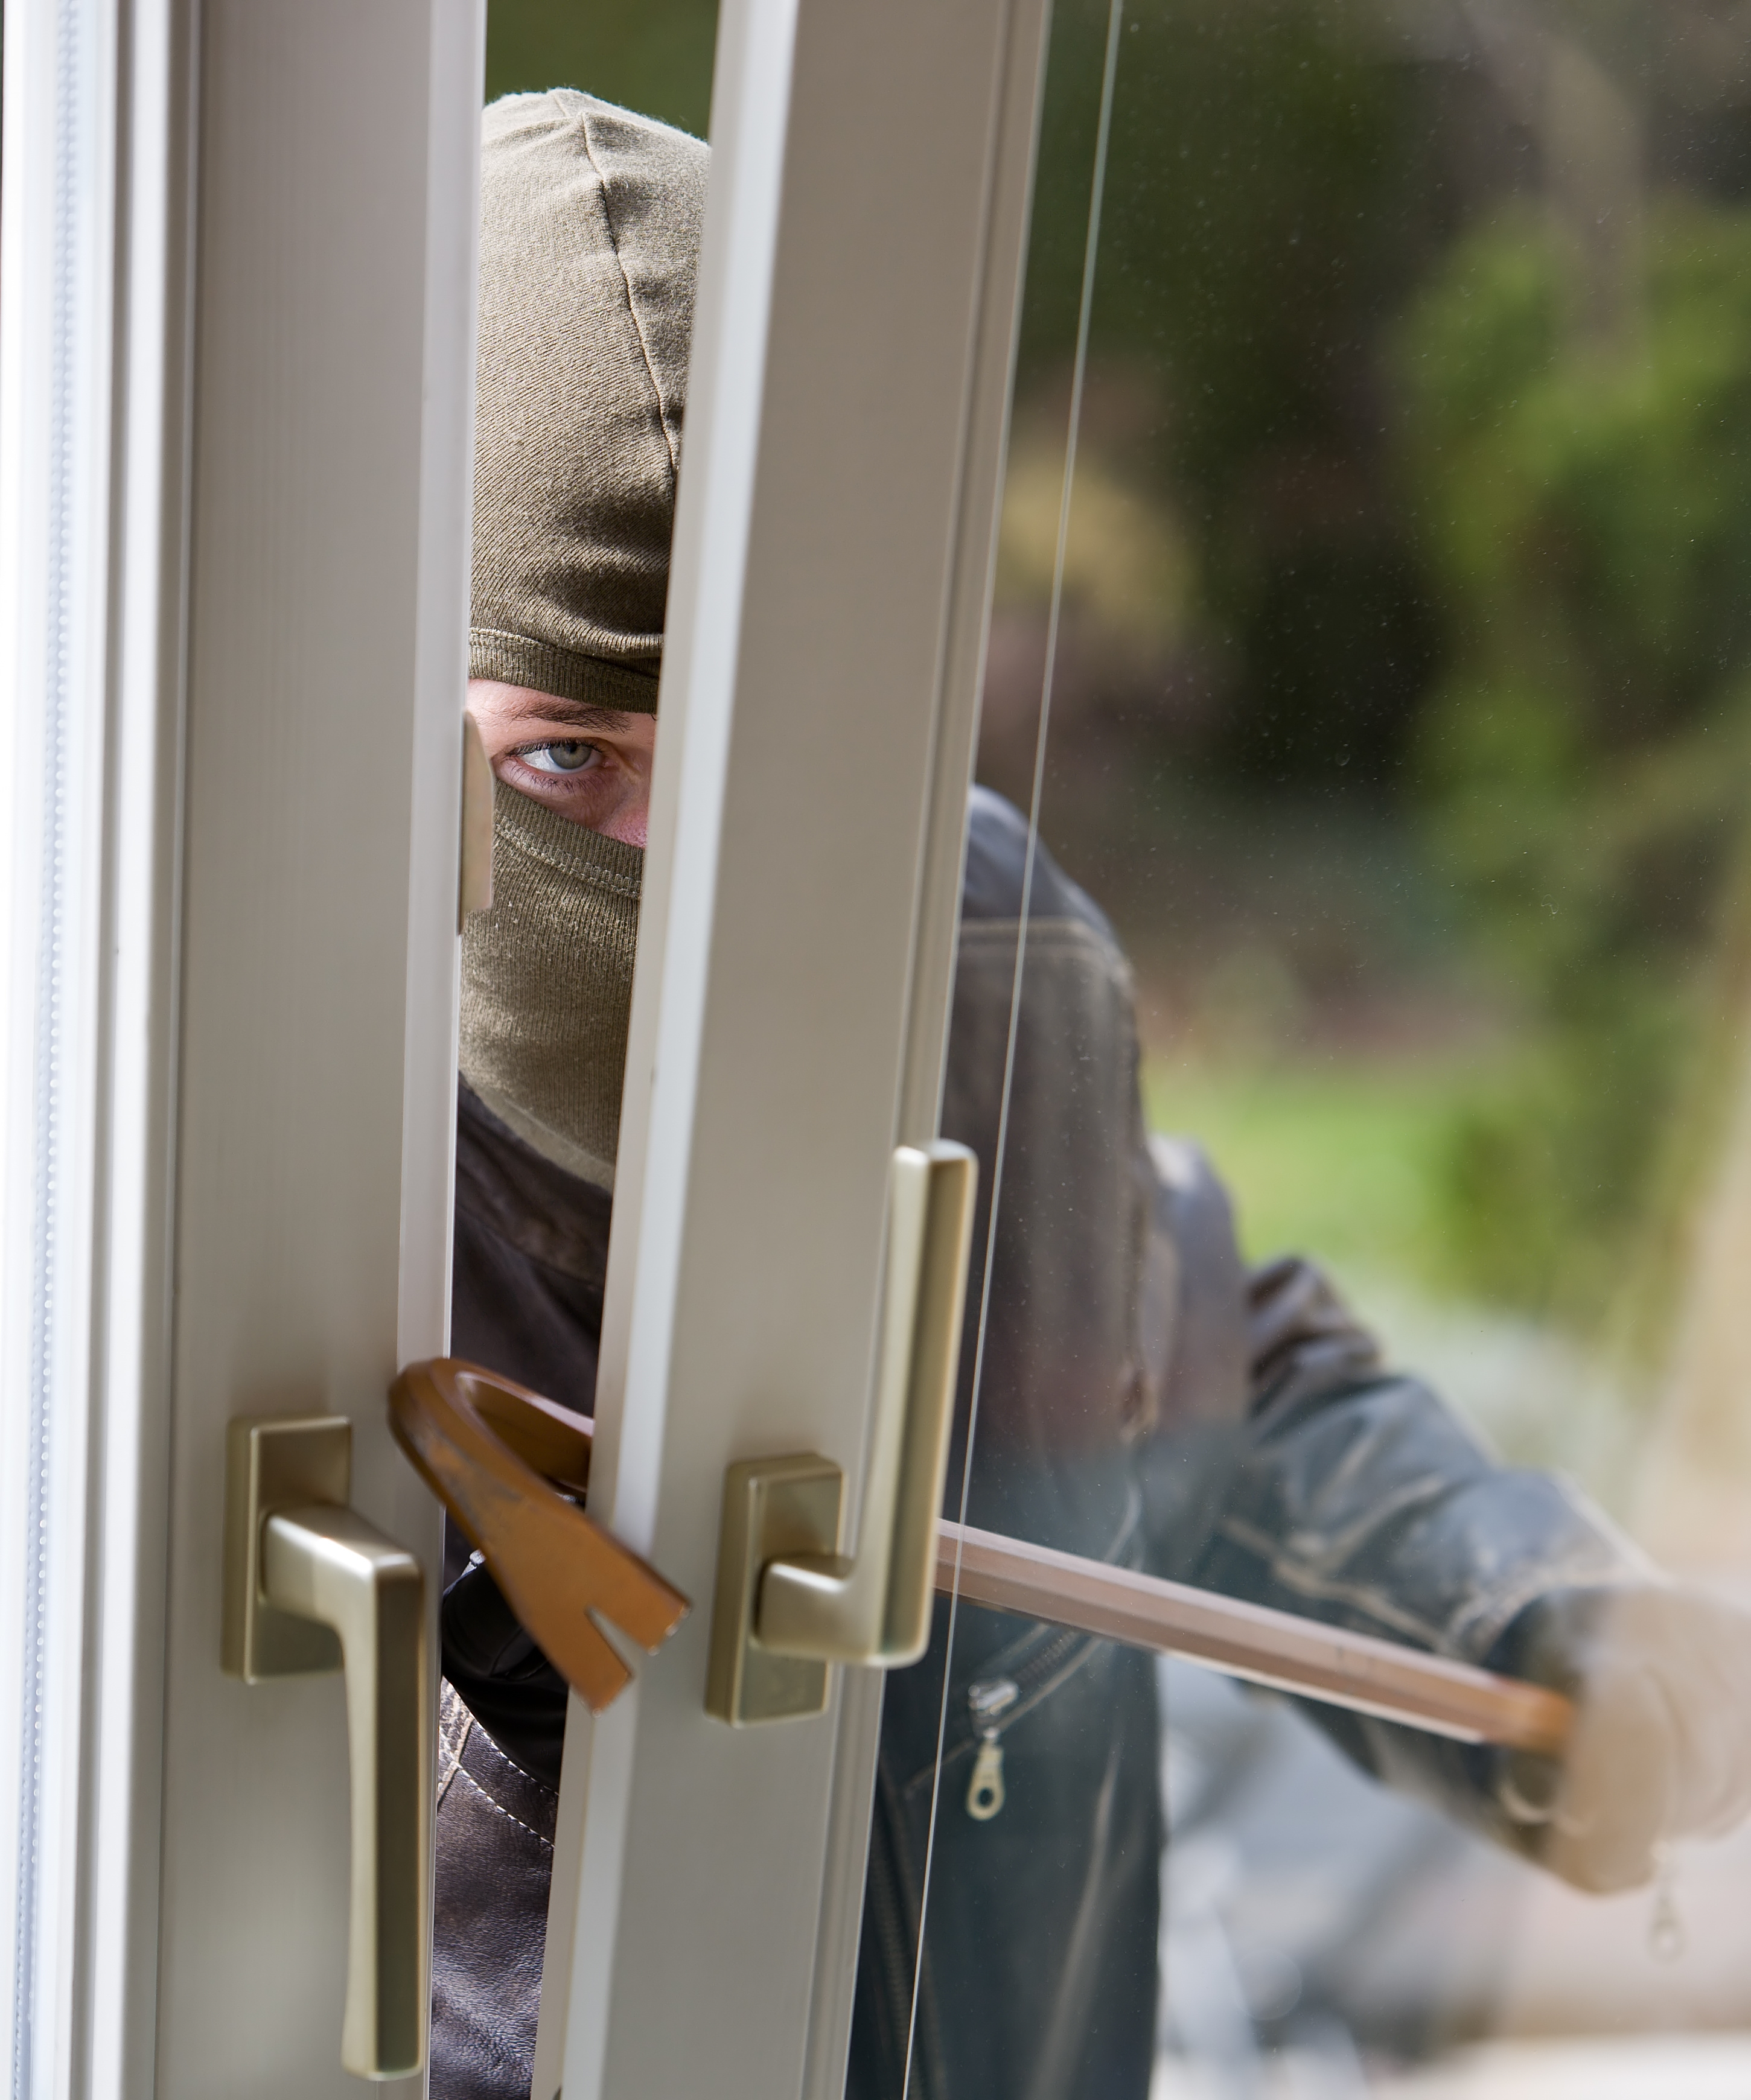 Sluit bij vertrek ramen om inbraak te voorkomen. (Foto: Adobestock)